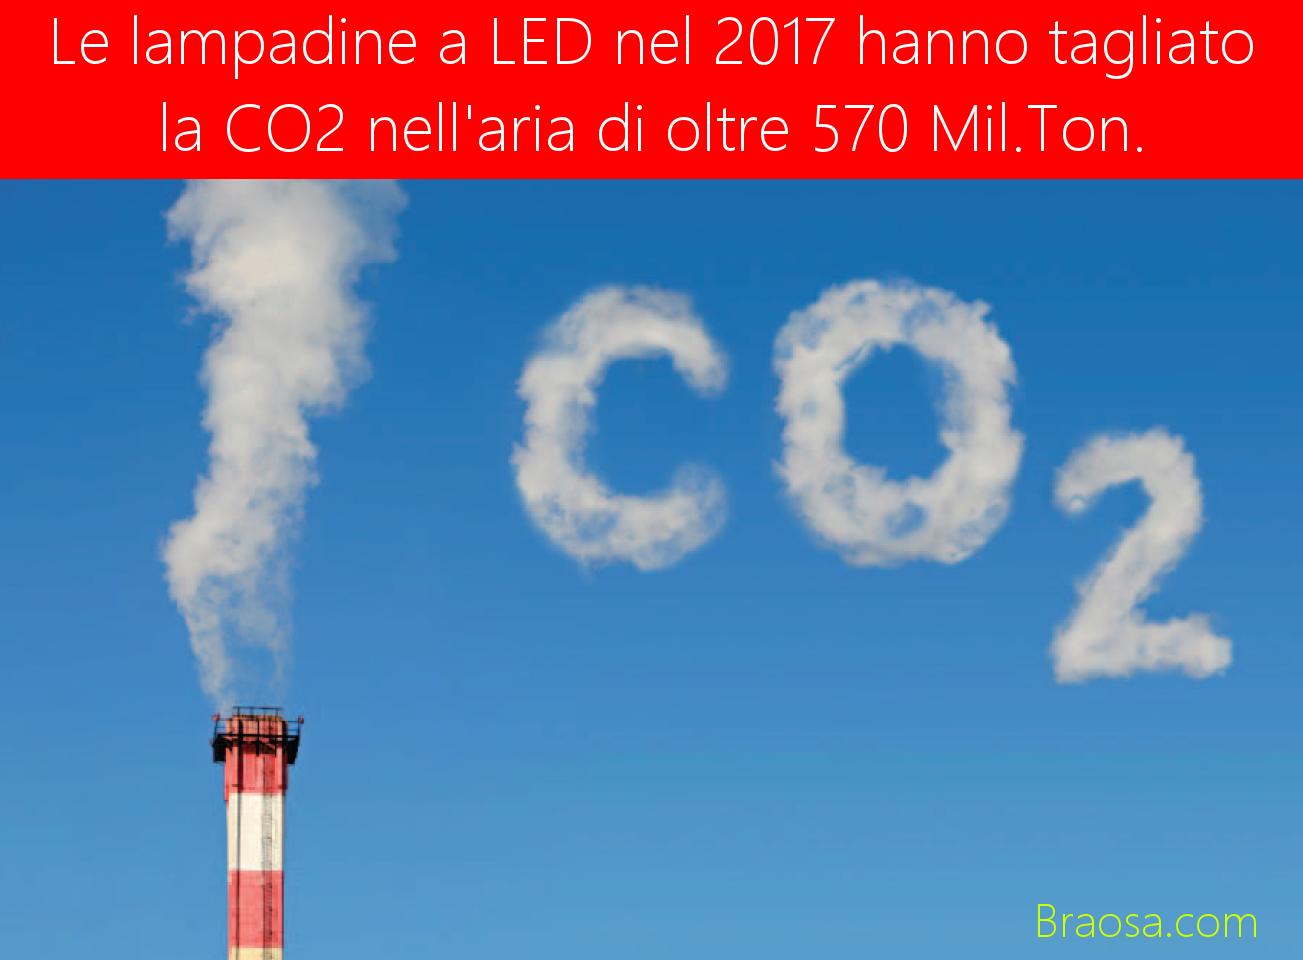 La tecnologia LED ha tagliato di miolni di tonellate l'emissione di CO2 nell'aria